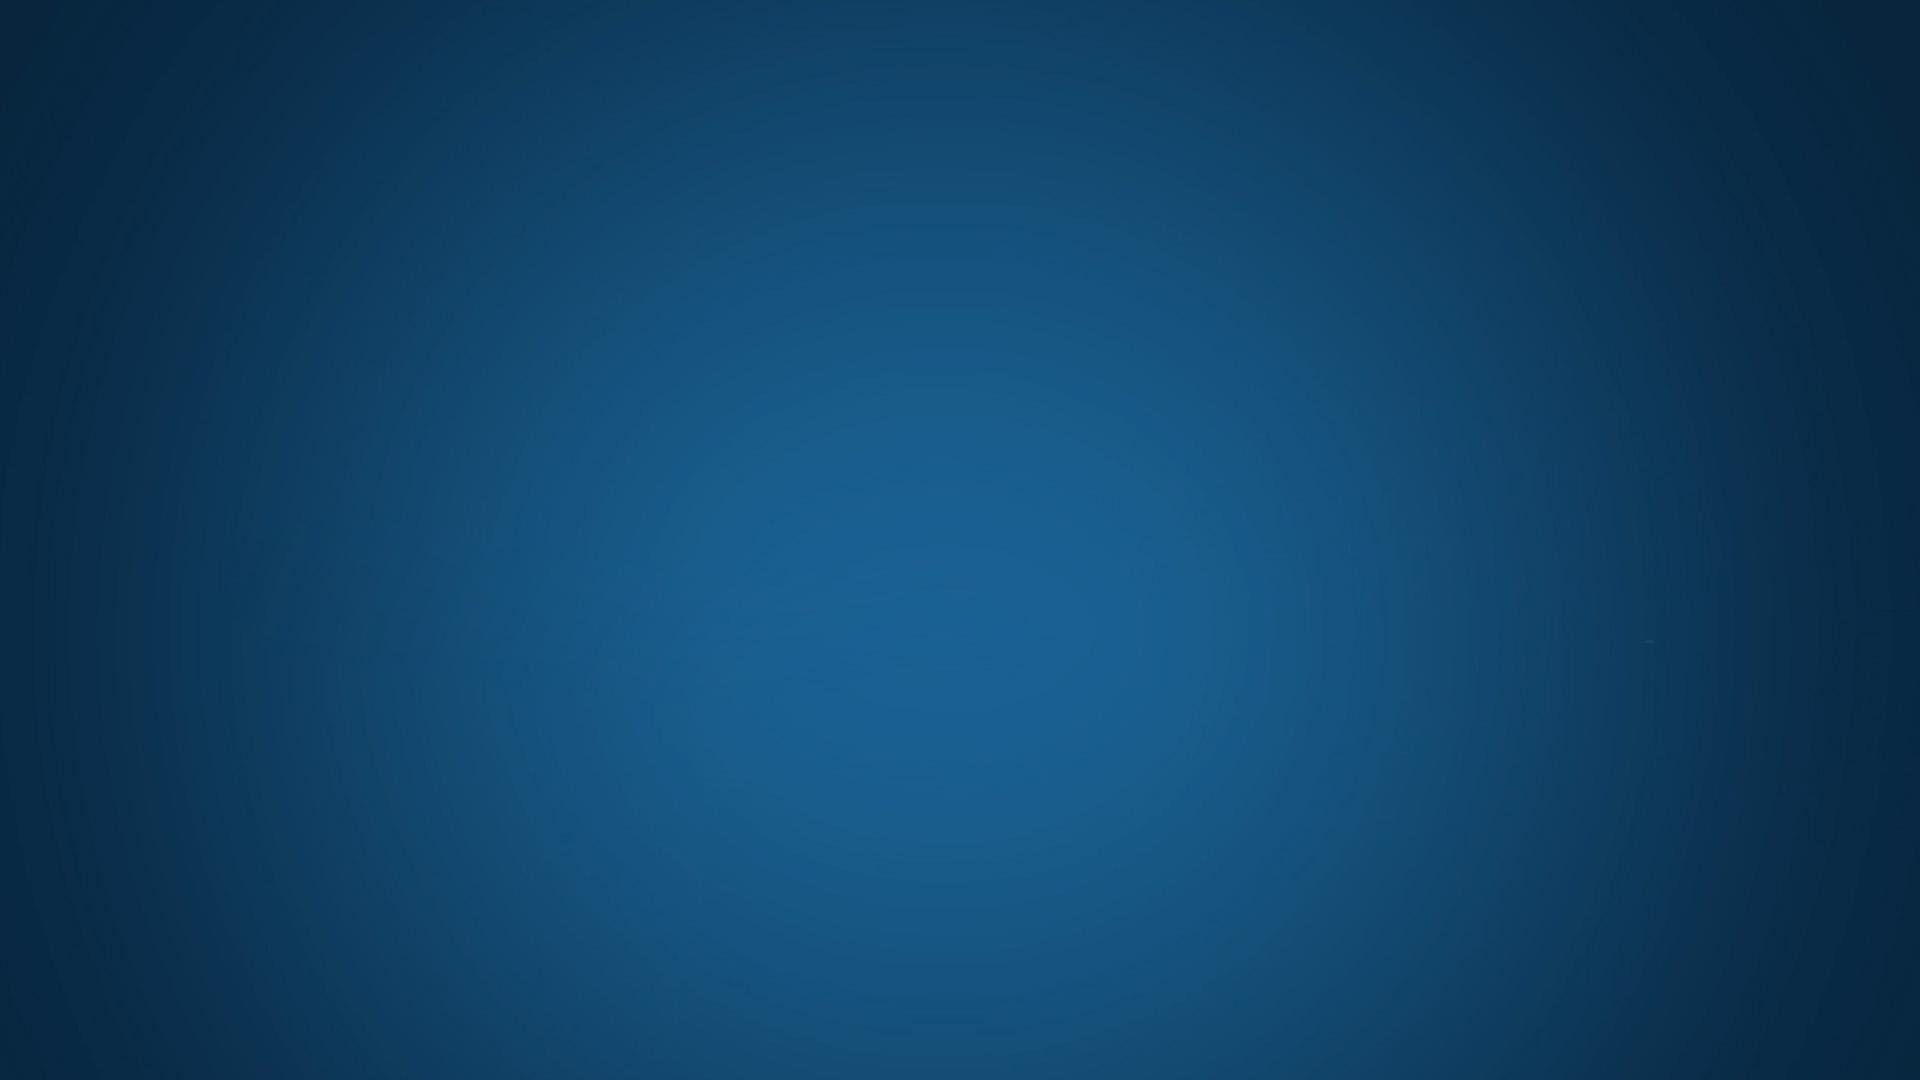 Silicom blue gb